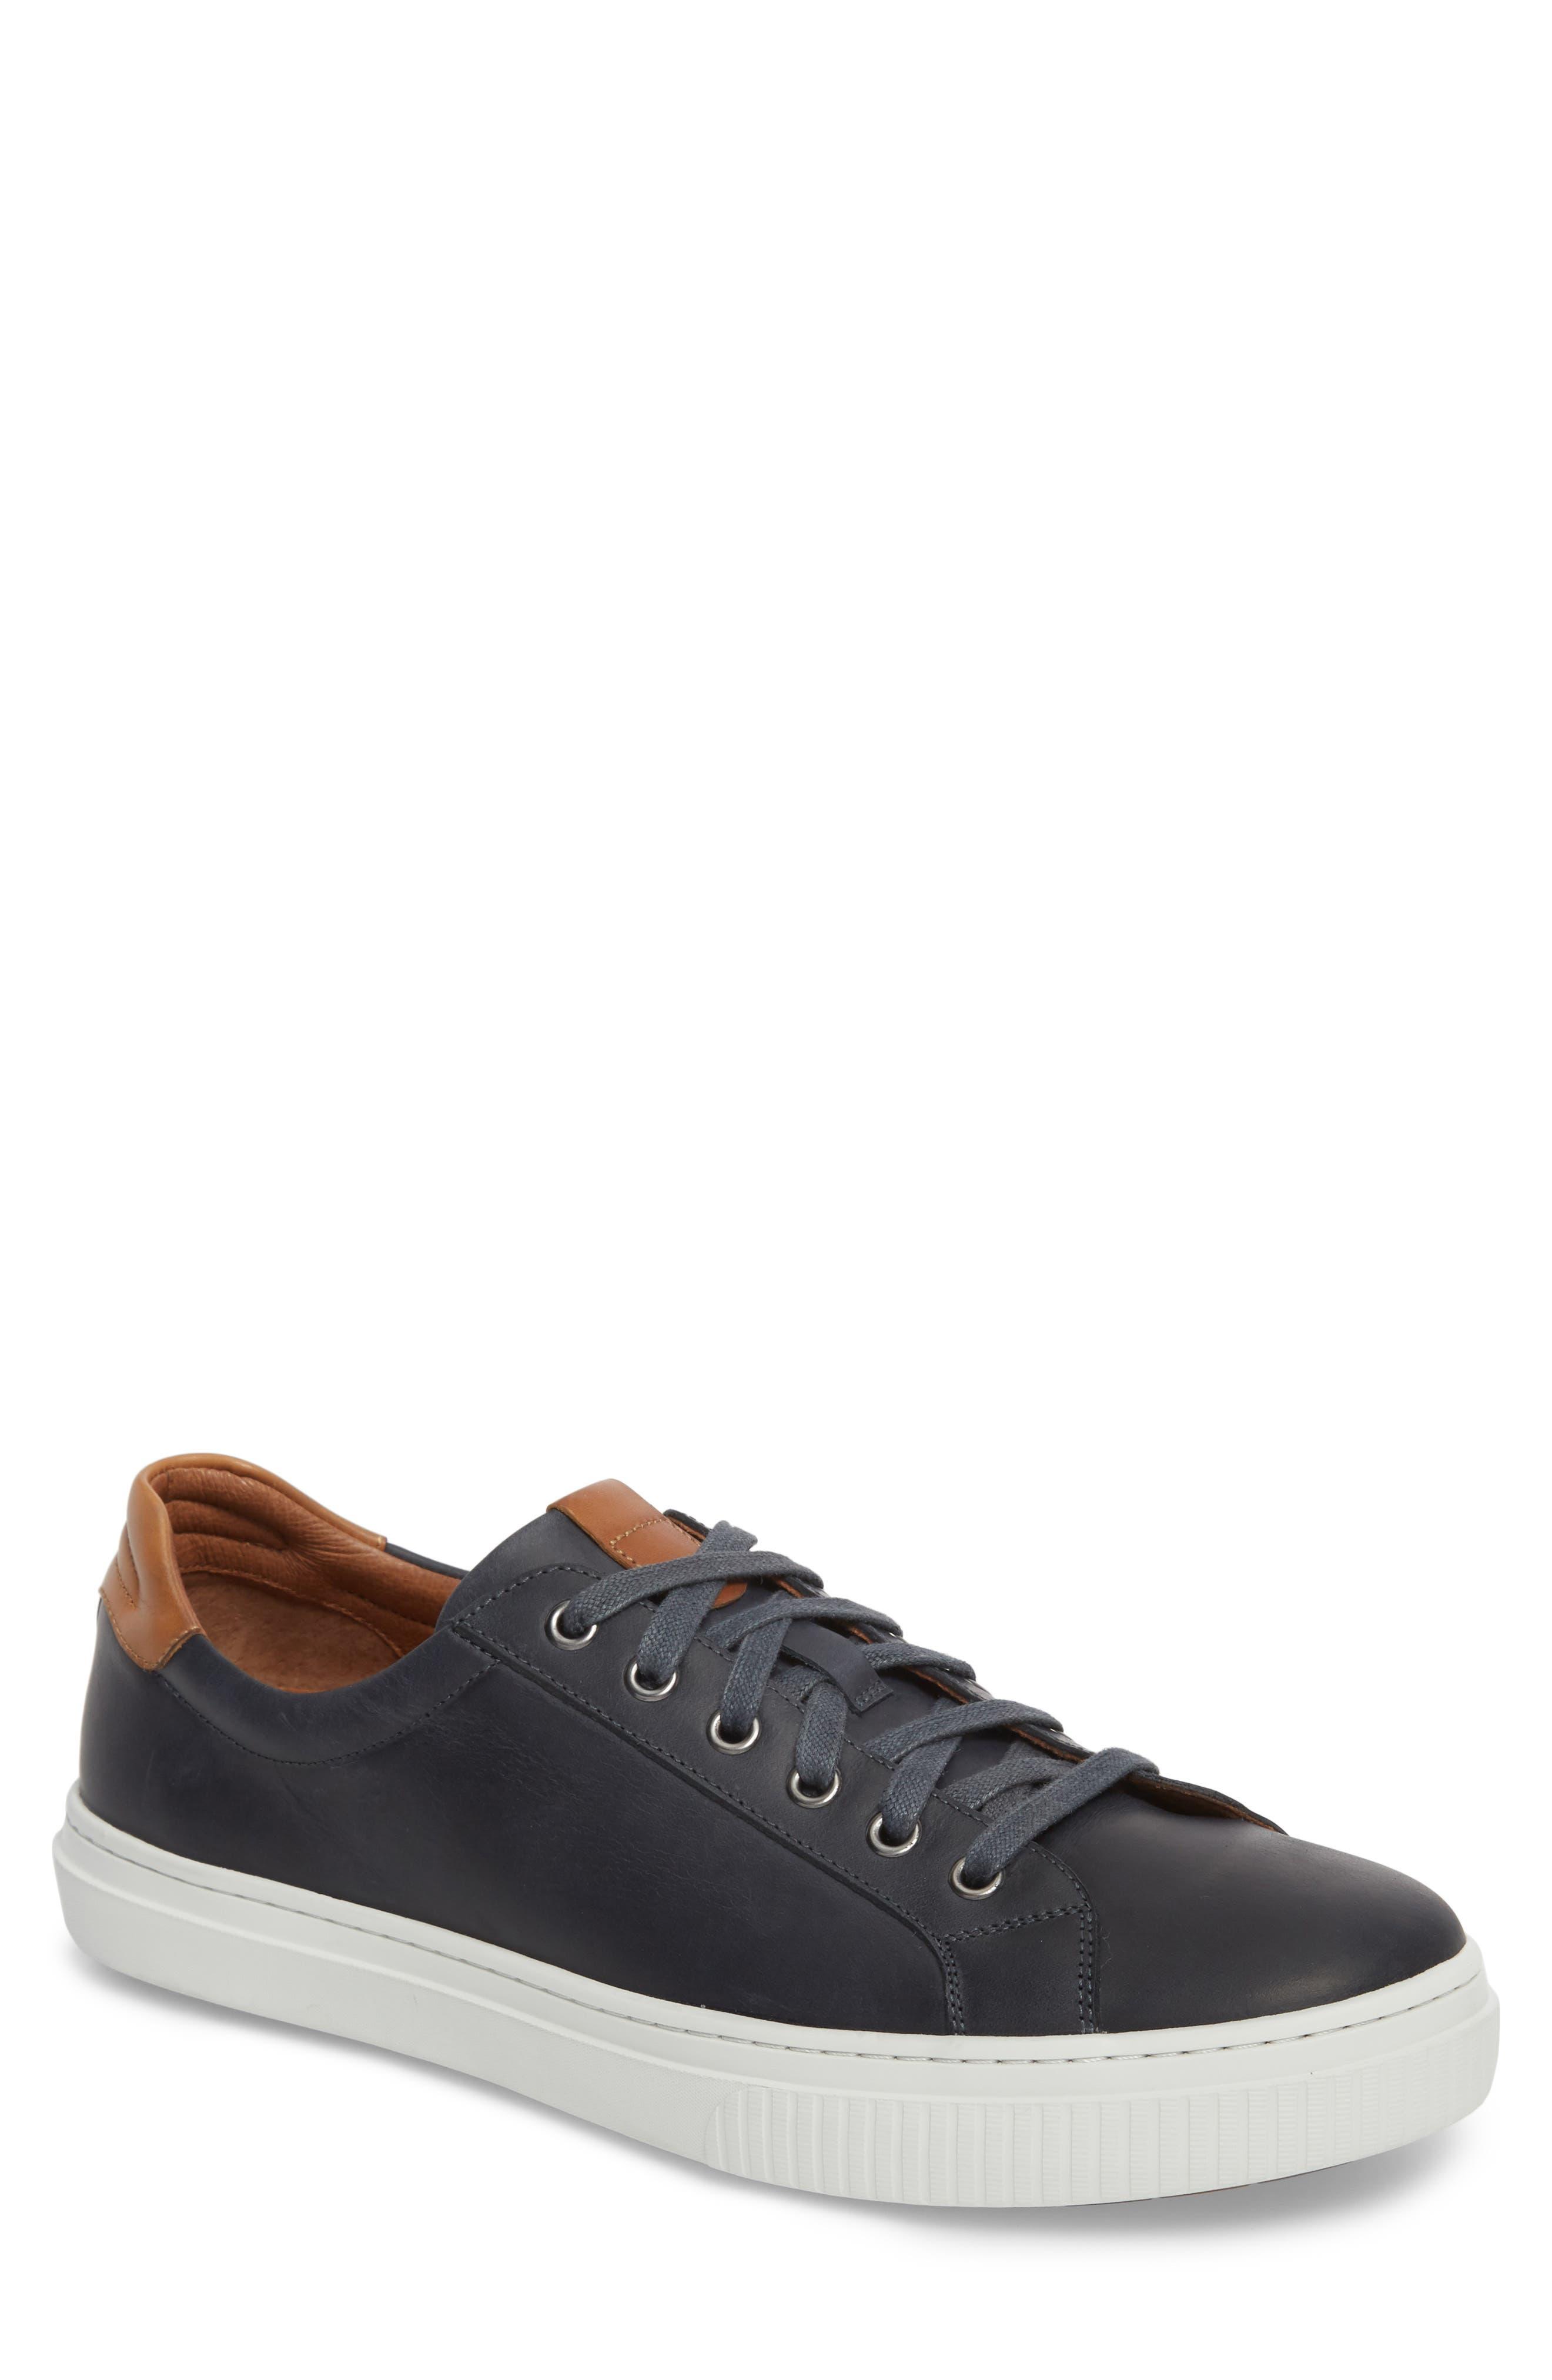 J & m 1850 Toliver Low Top Sneaker- Blue